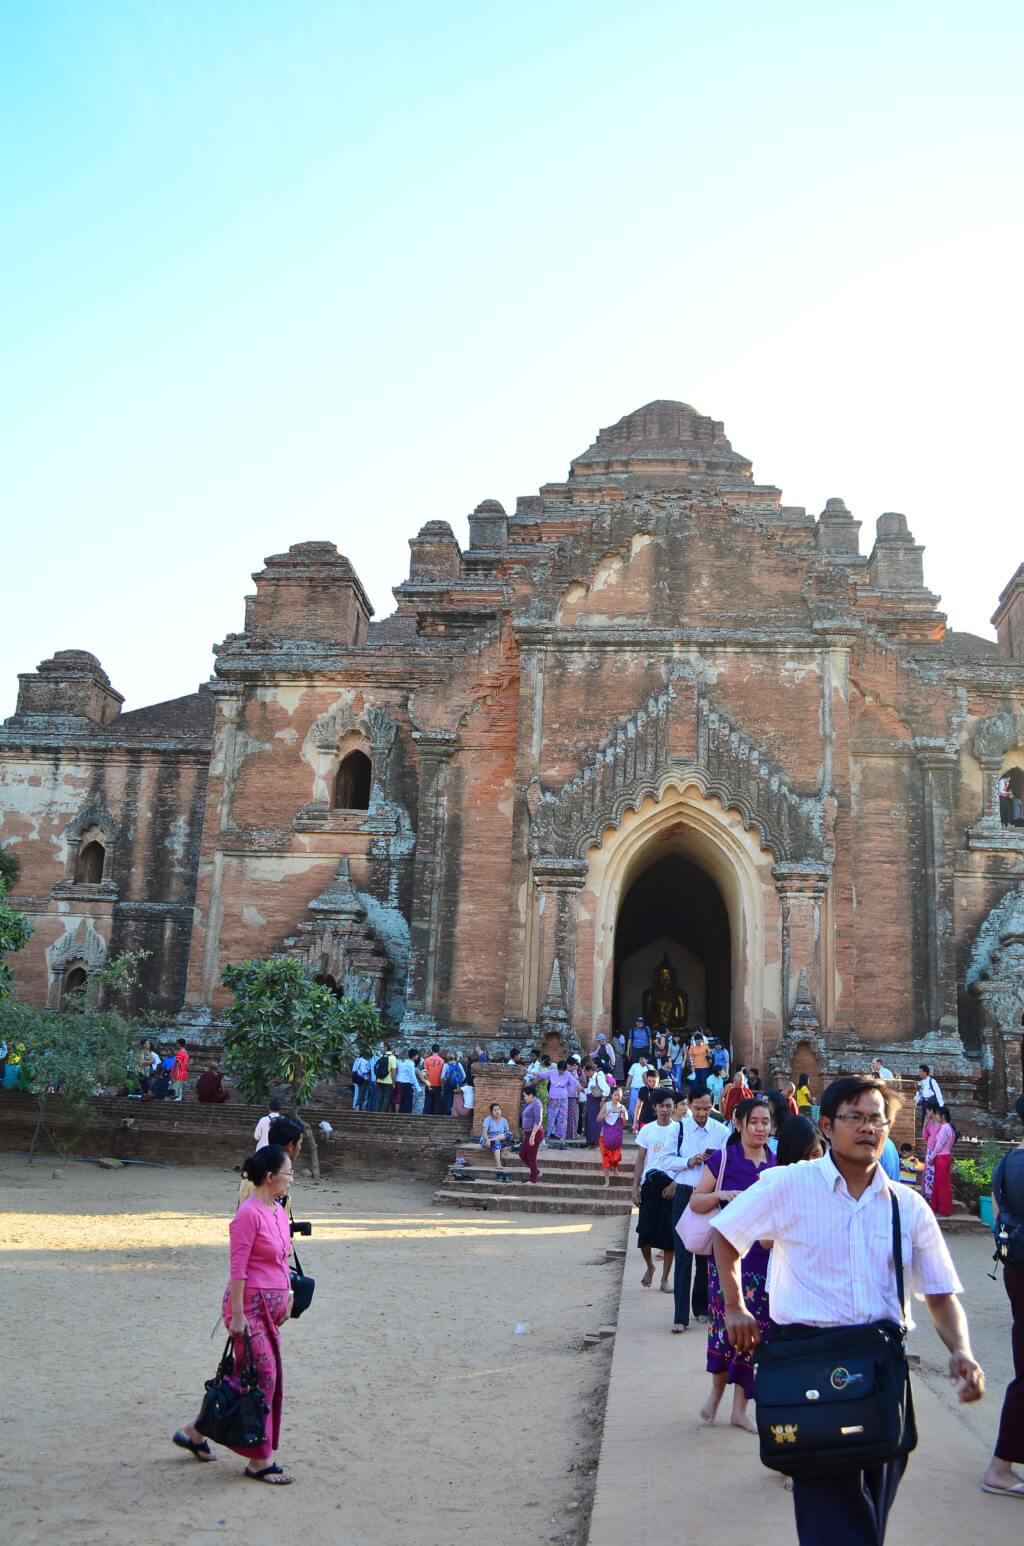 バガン遺跡 オールドバガンのダマヤンジー寺院(Dhammayangyi Temple)